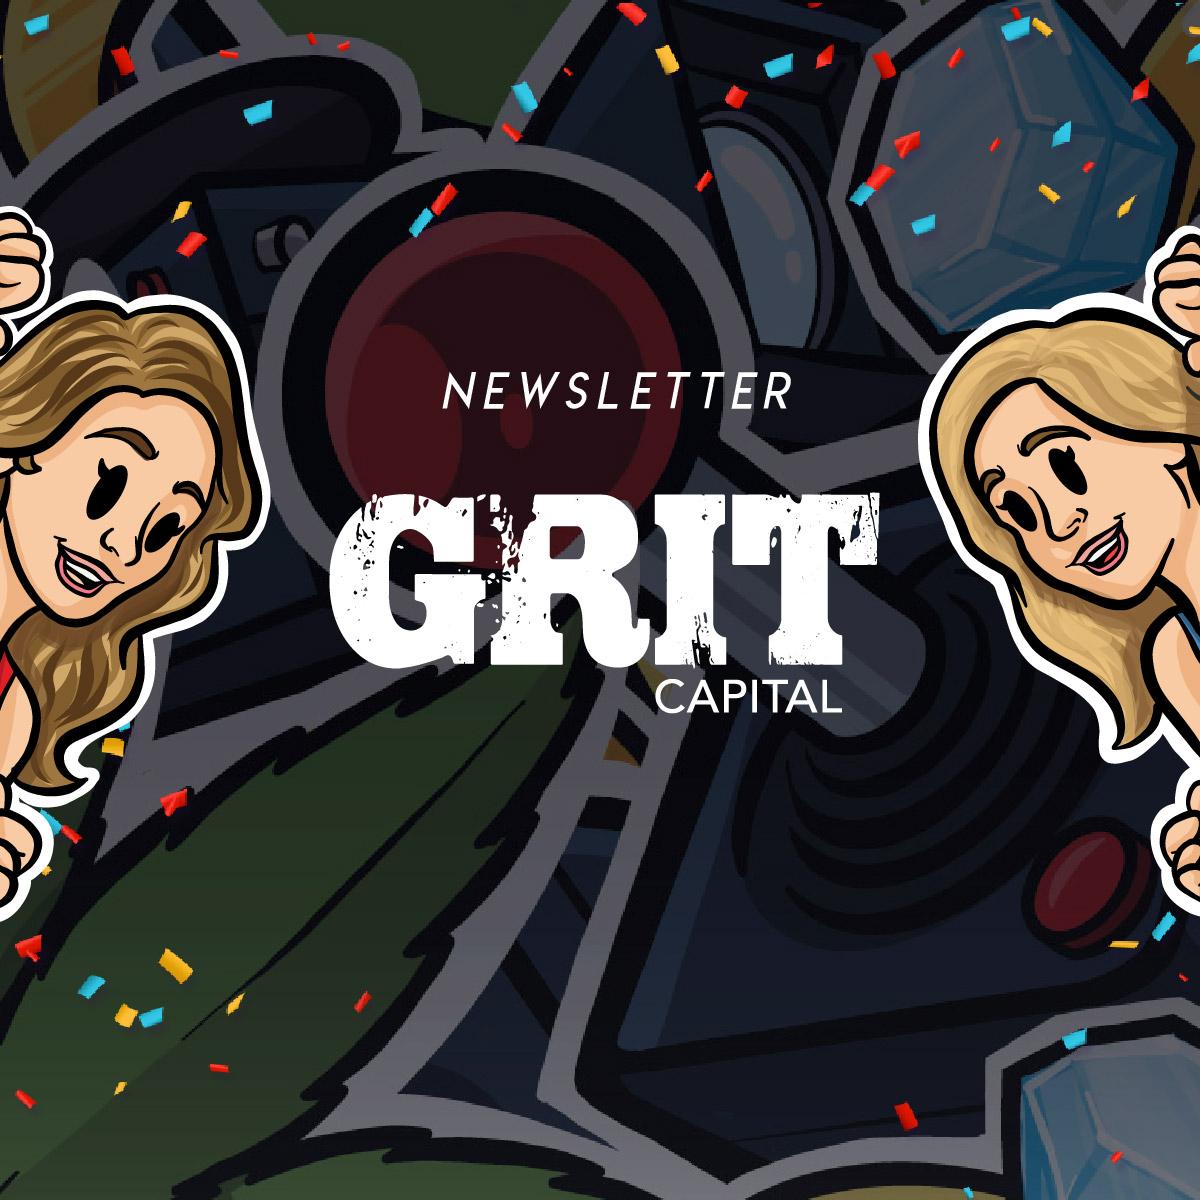 newsletter(banner)-01.jpg